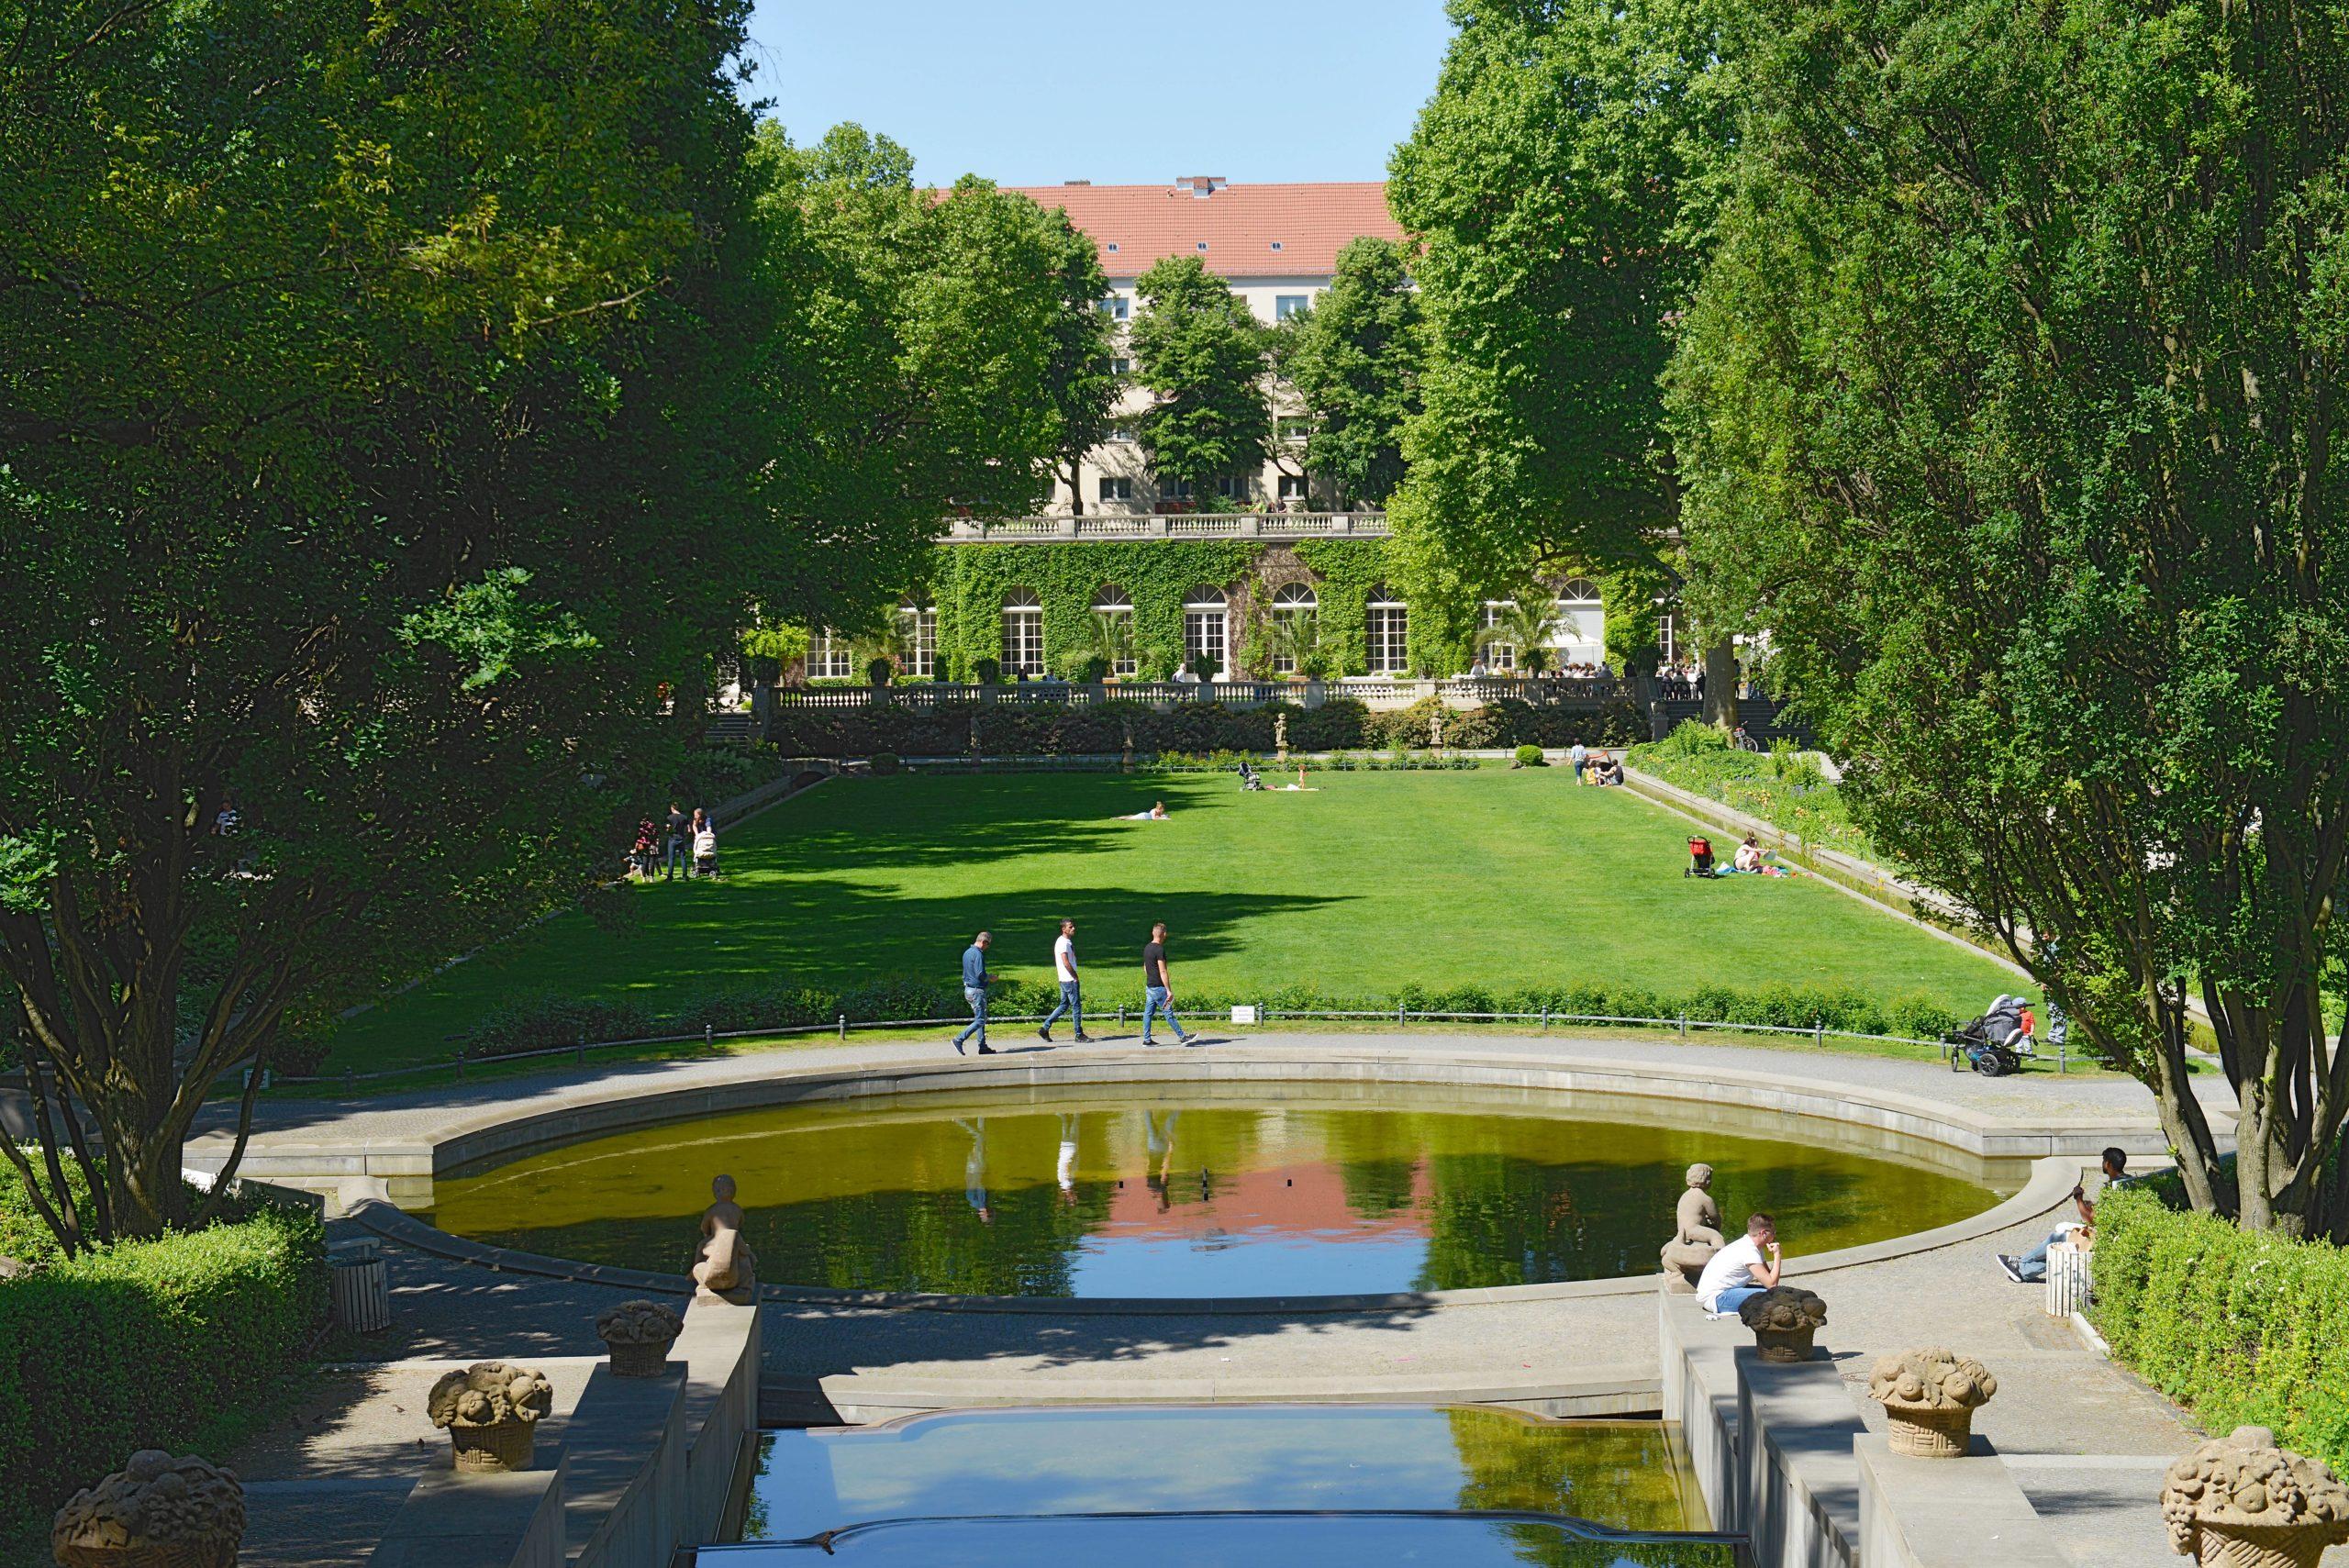 Die Brunnenanlage im Körnerpark ist vor allem im Sommer hübsch anzusehen. Foto: Imago/Joko